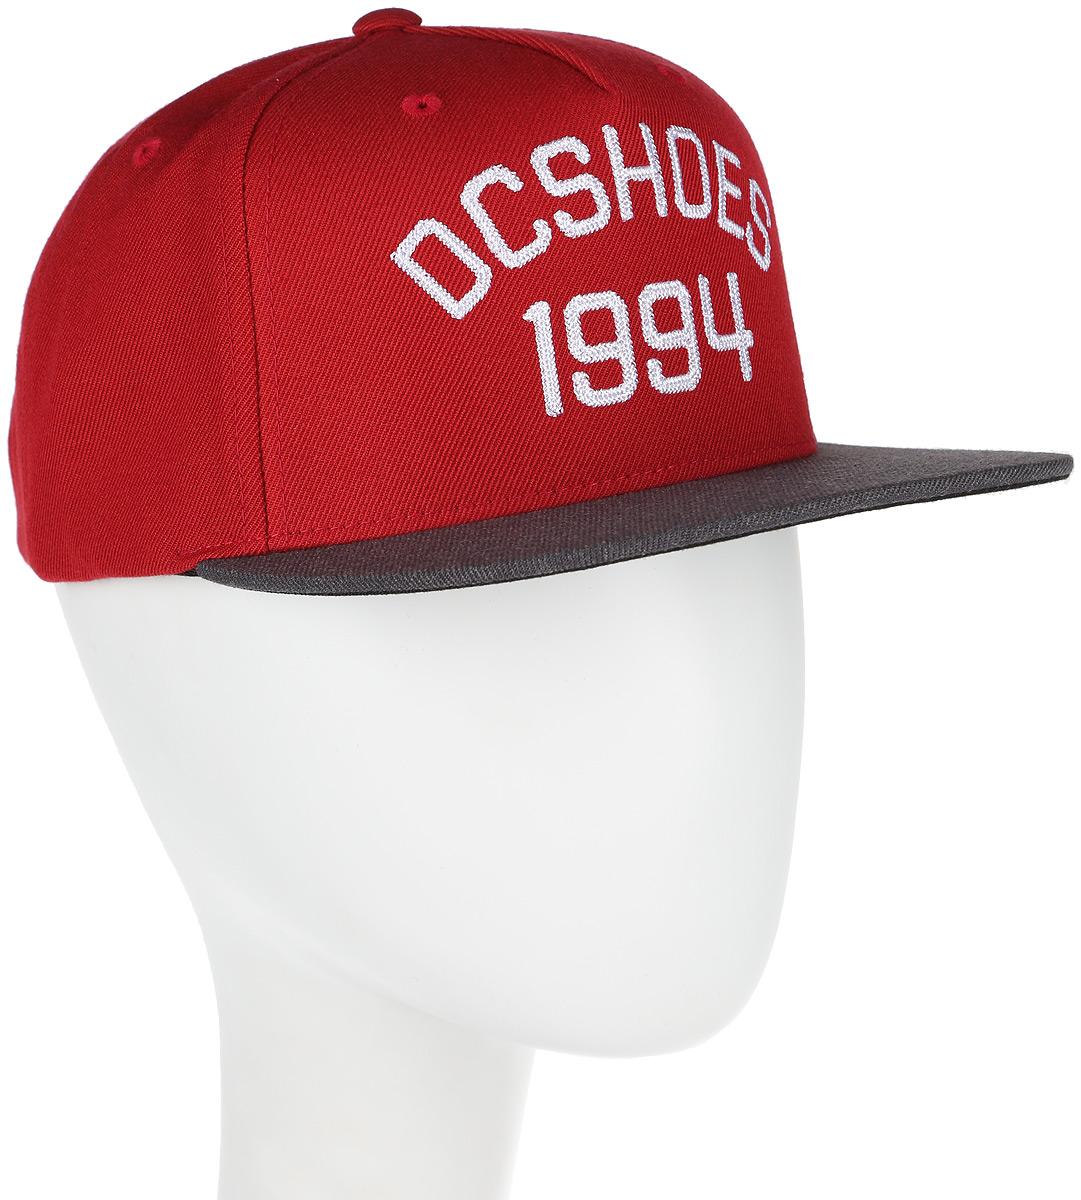 Бейсболка мужская DC Shoes Fellis, цвет: красный, серый. ADYHA03437-RRD0. Размер универсальный dc shoes бейсболка dc shoes snappy rio red fw17 one size